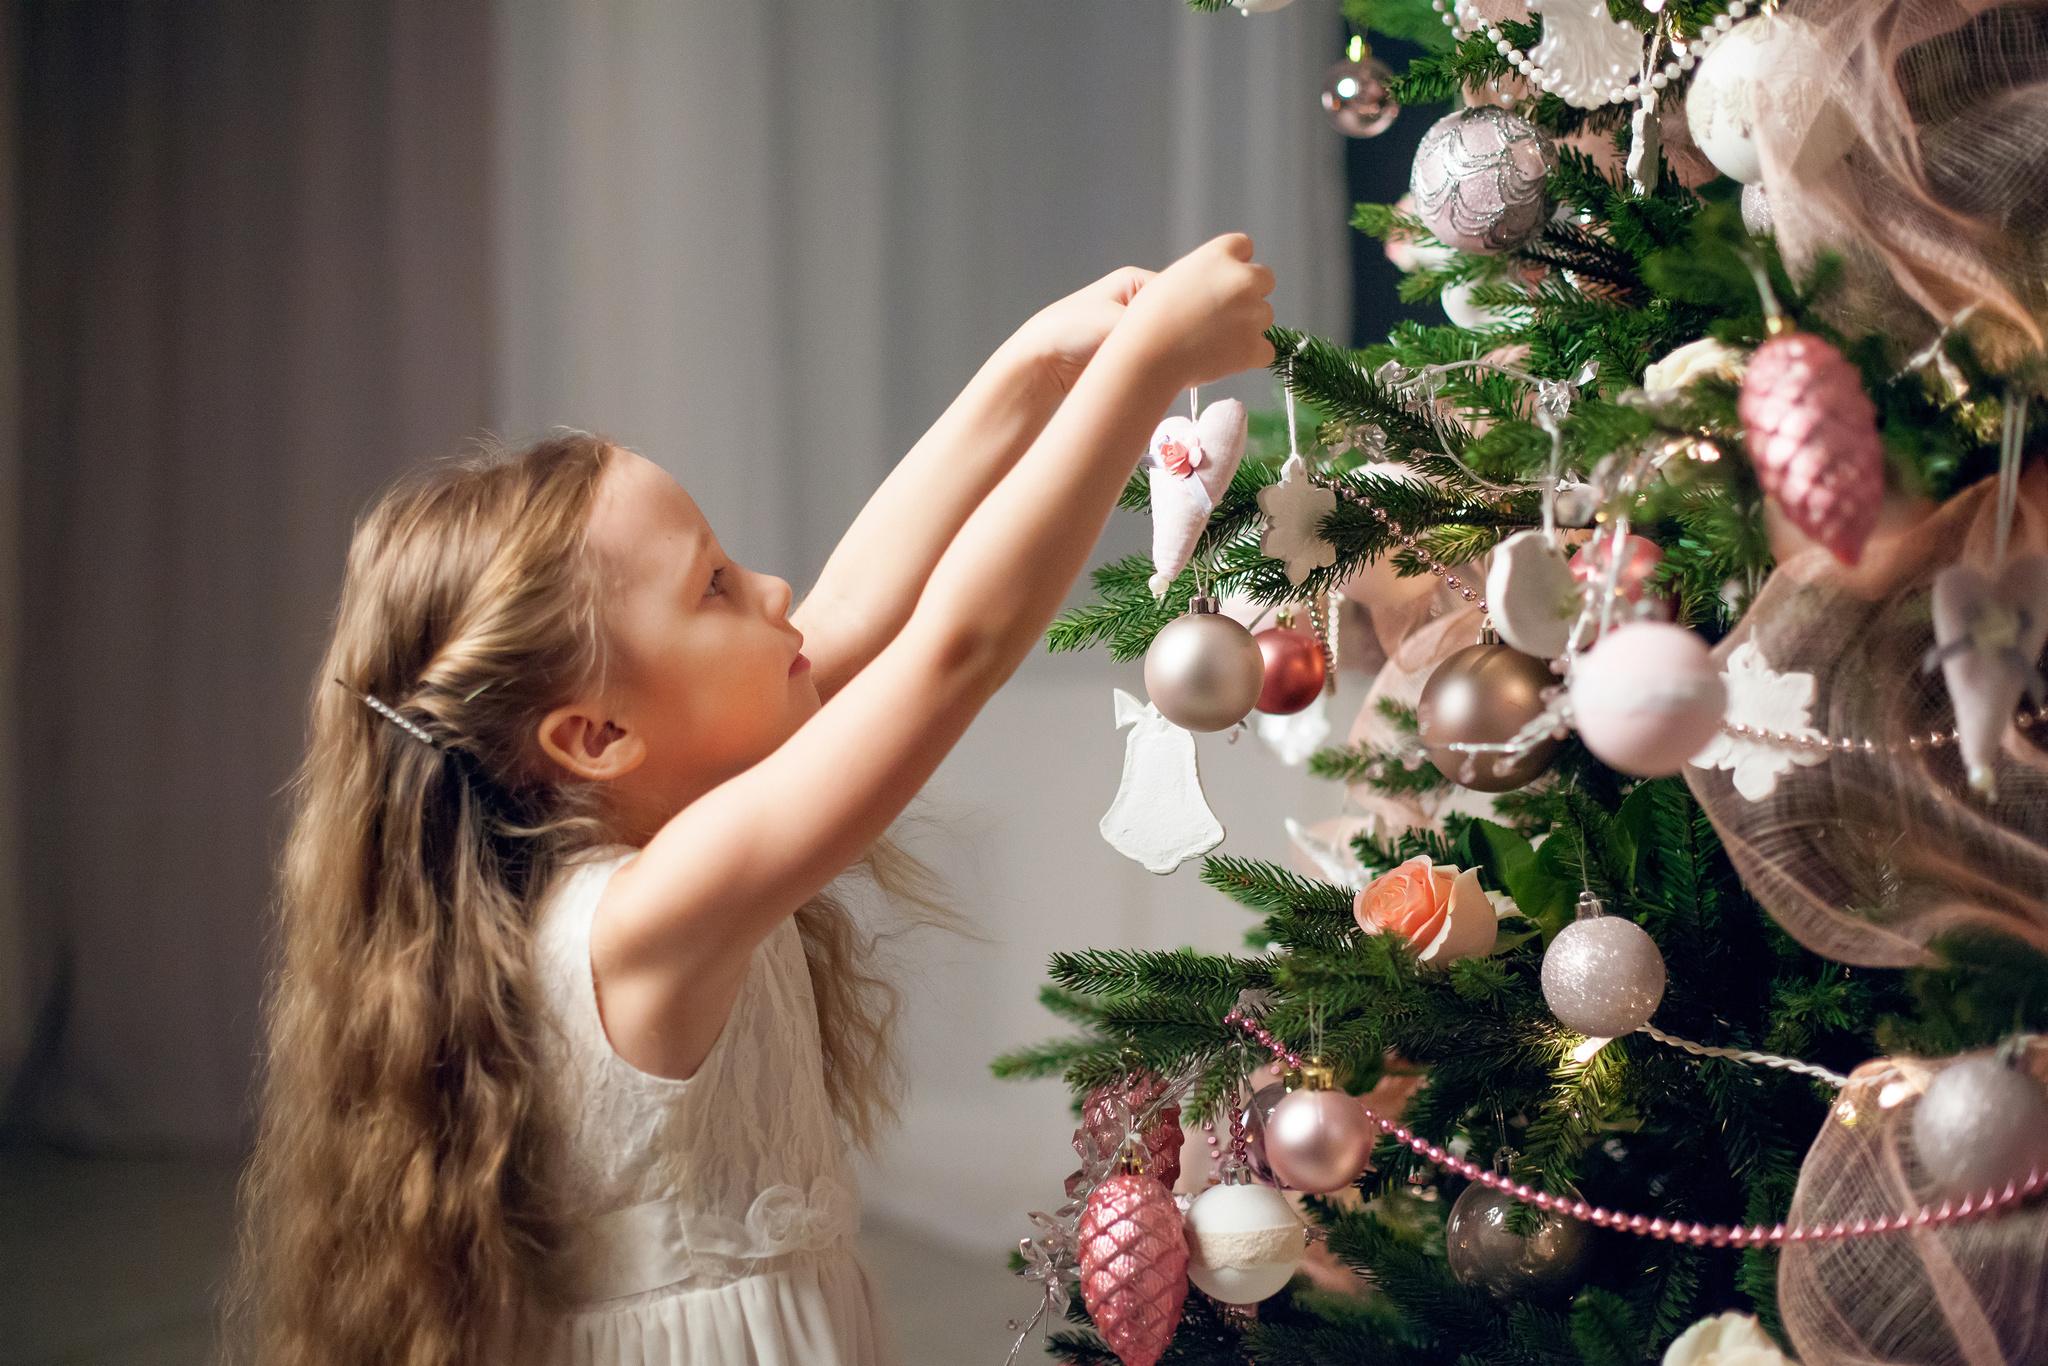 Уже скоро поступление Новогодних стеклянных игрушек на ёлку